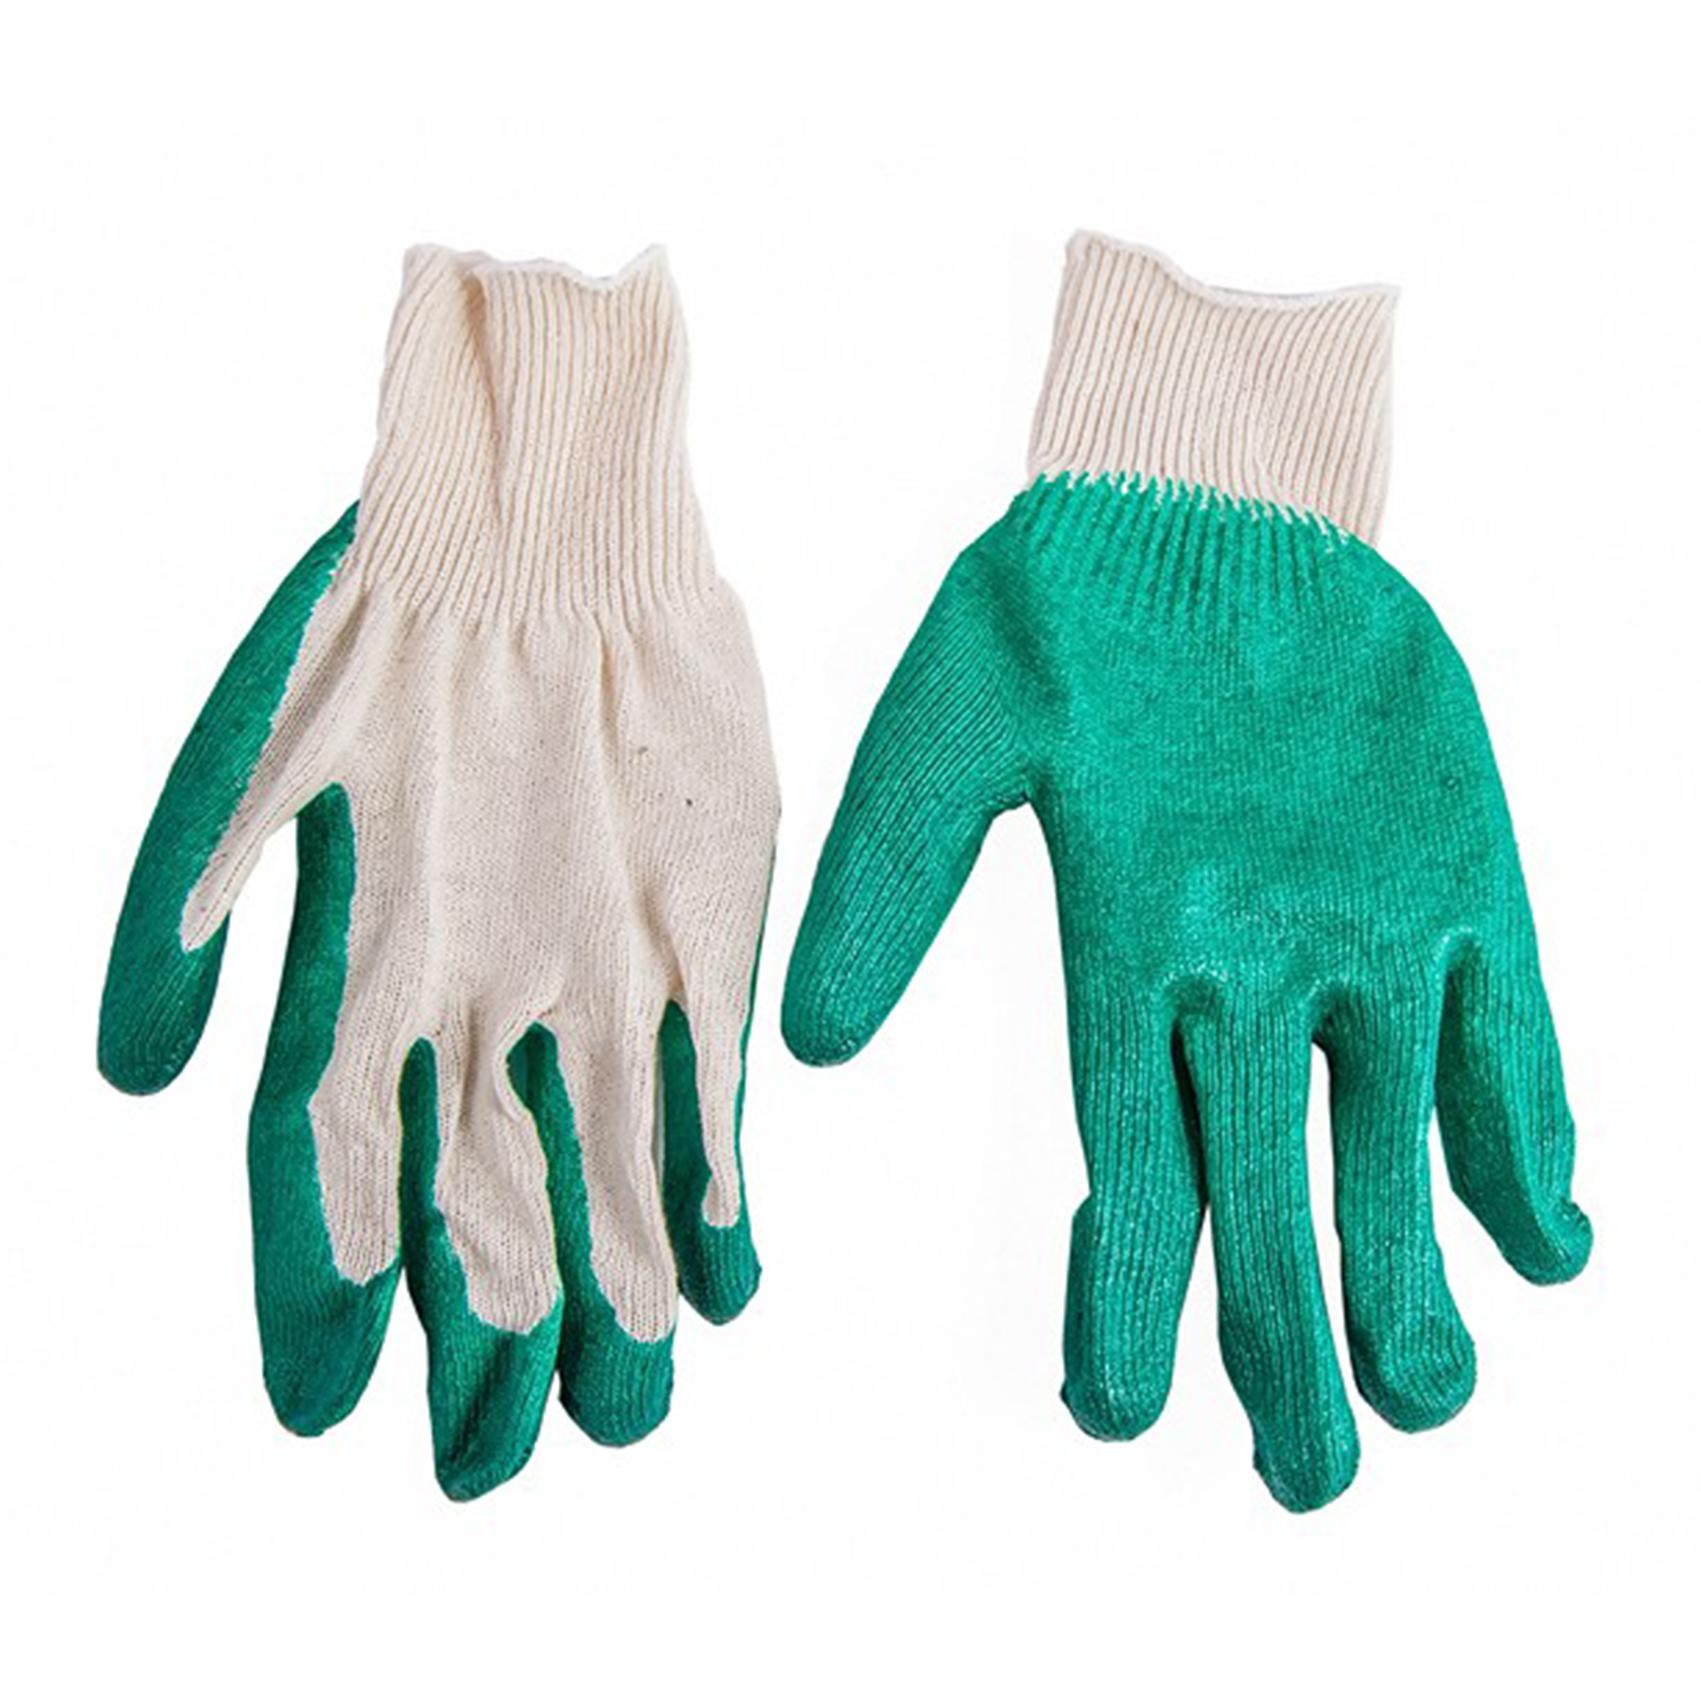 Купить Перчатки трикотажные LI-OMA008